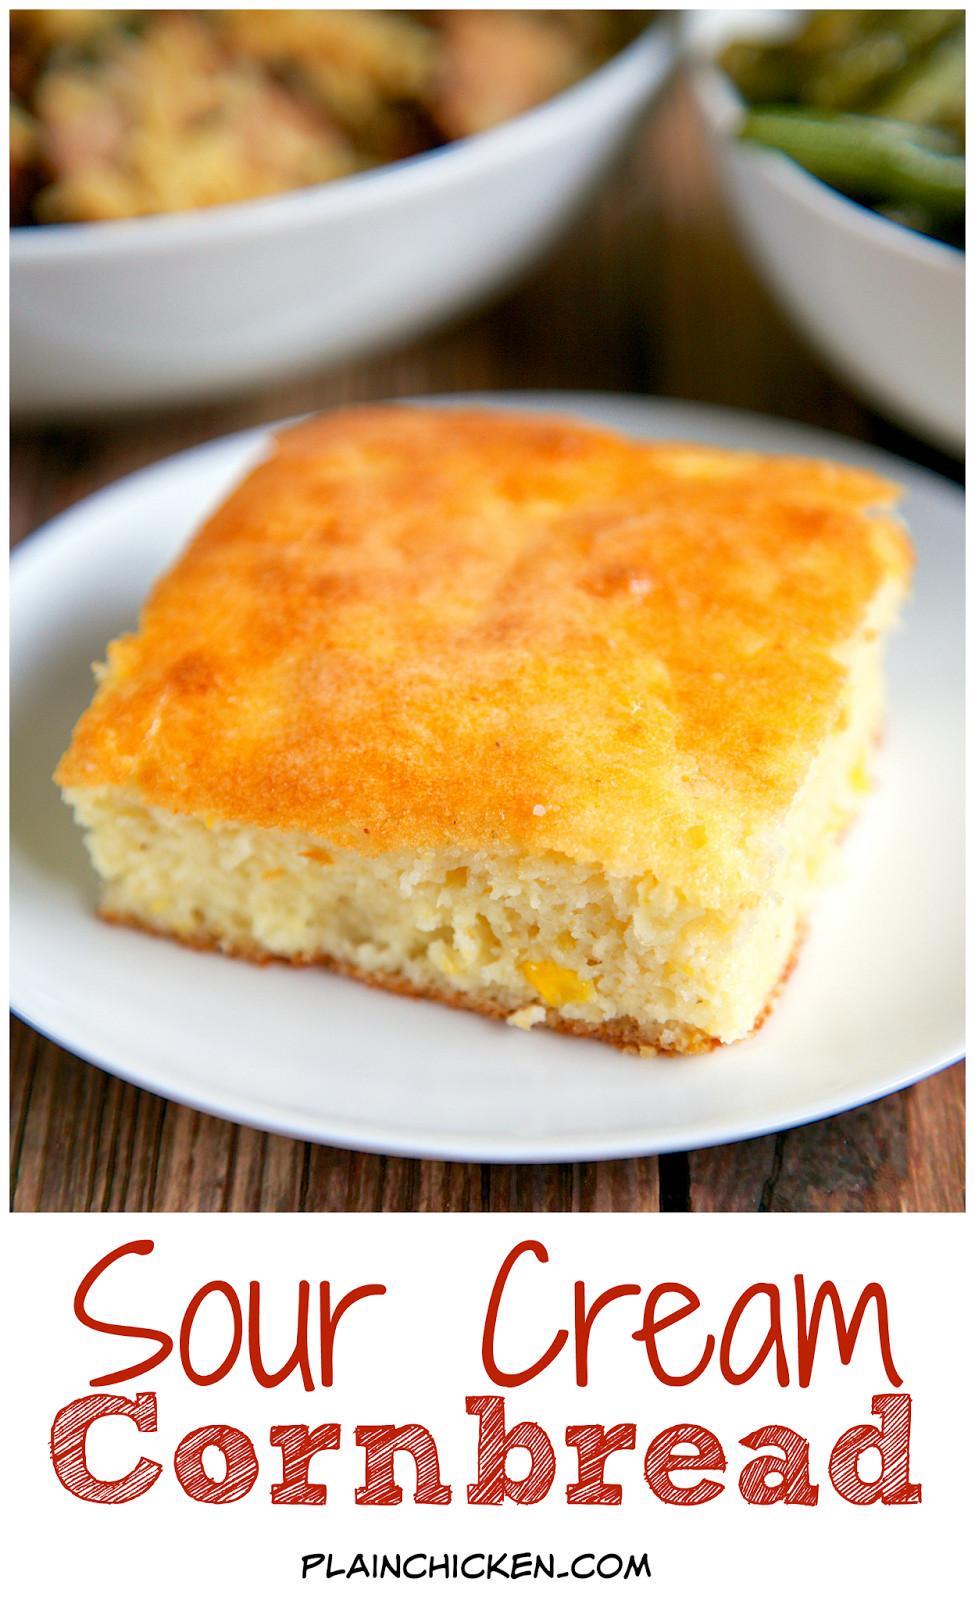 Sour Cream Cornbread  Sour Cream Cornbread Recipe only 5 ingre nts Ready in